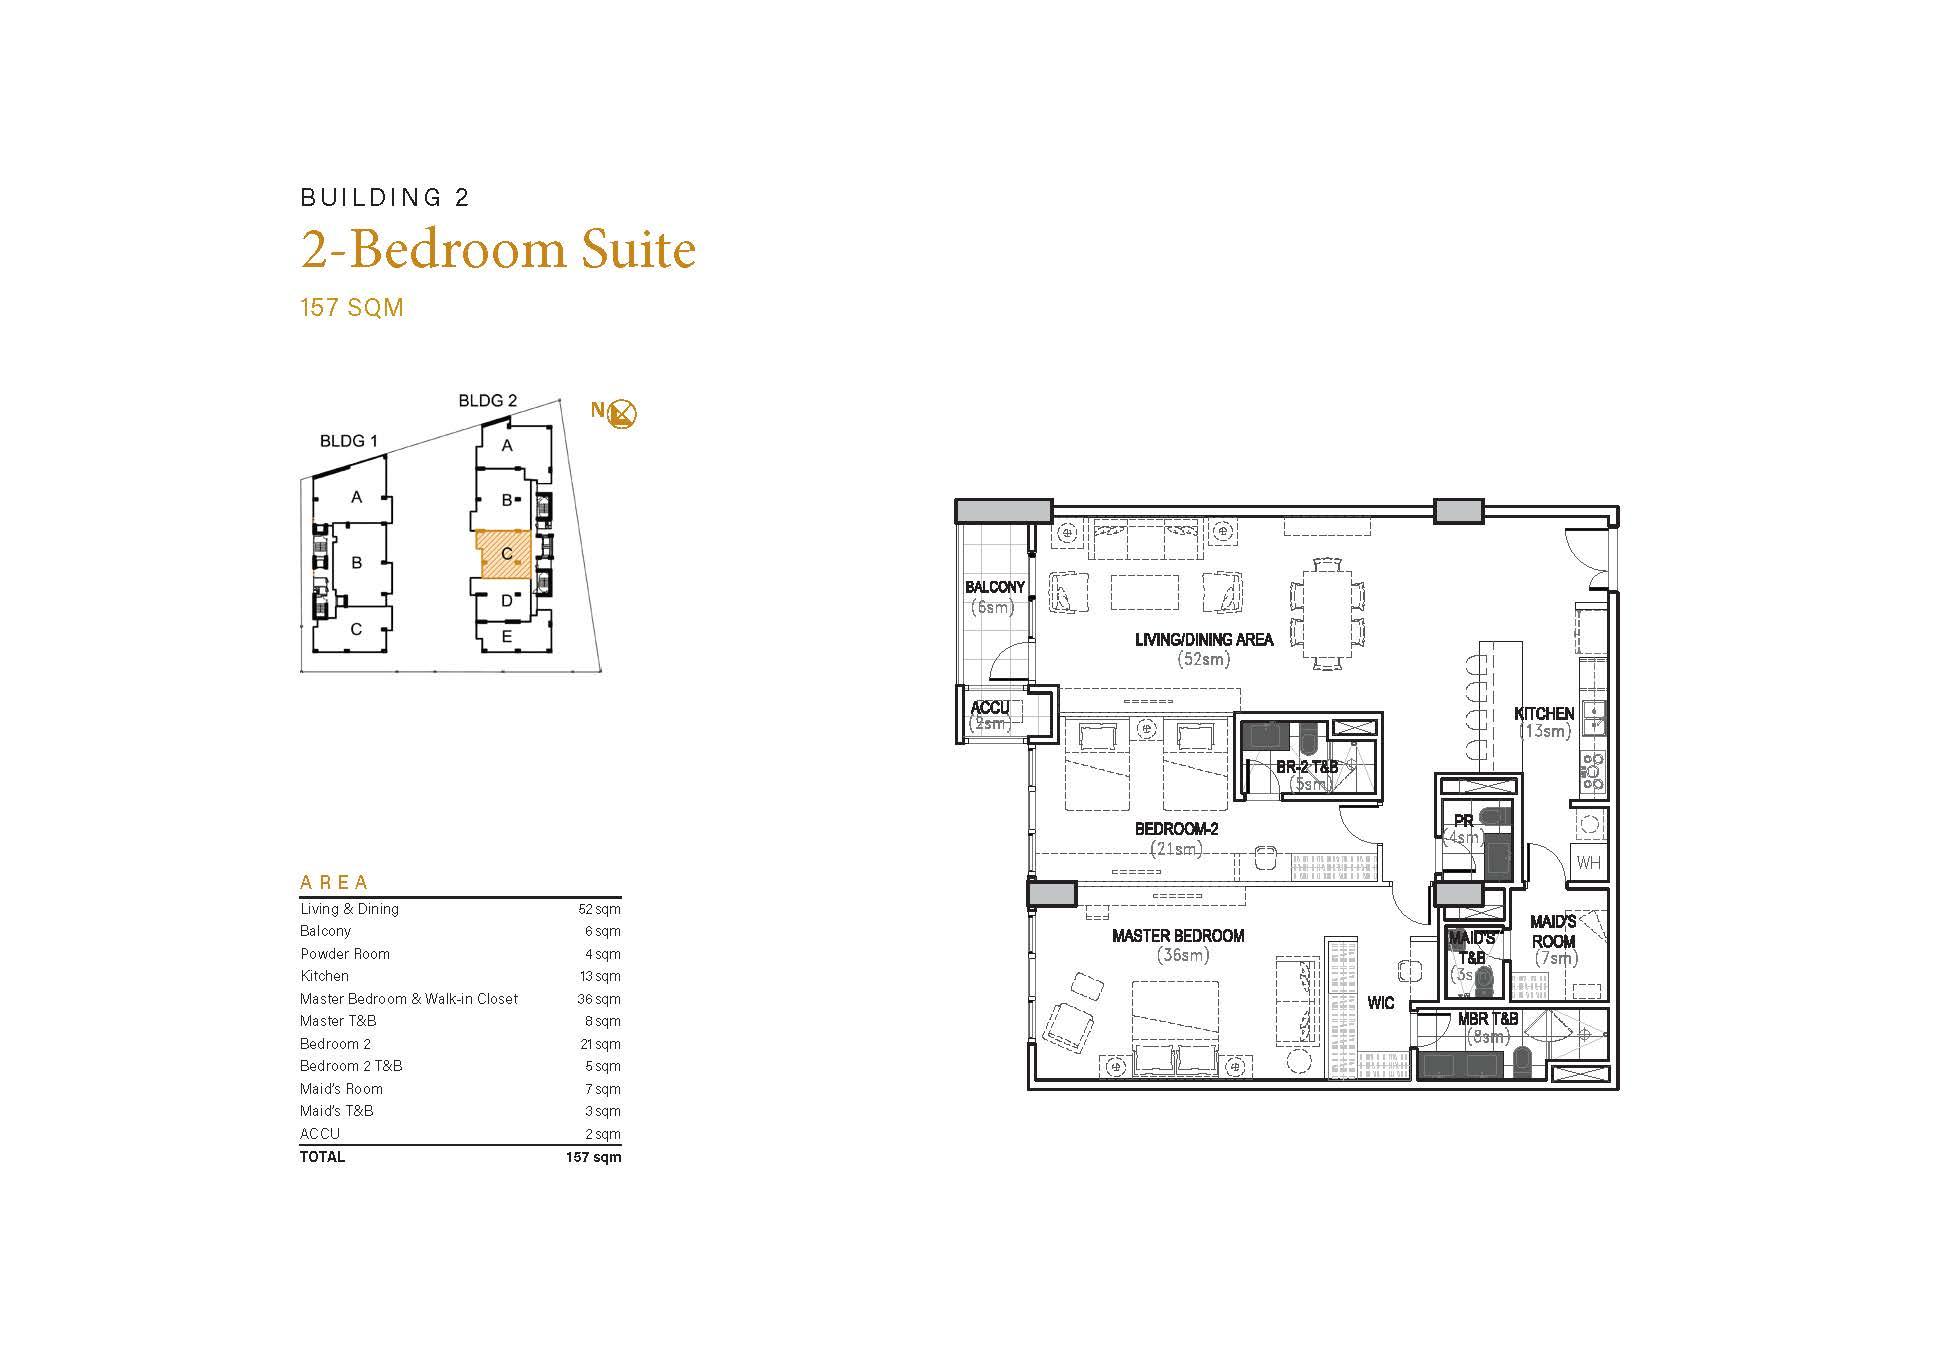 2BR Suite